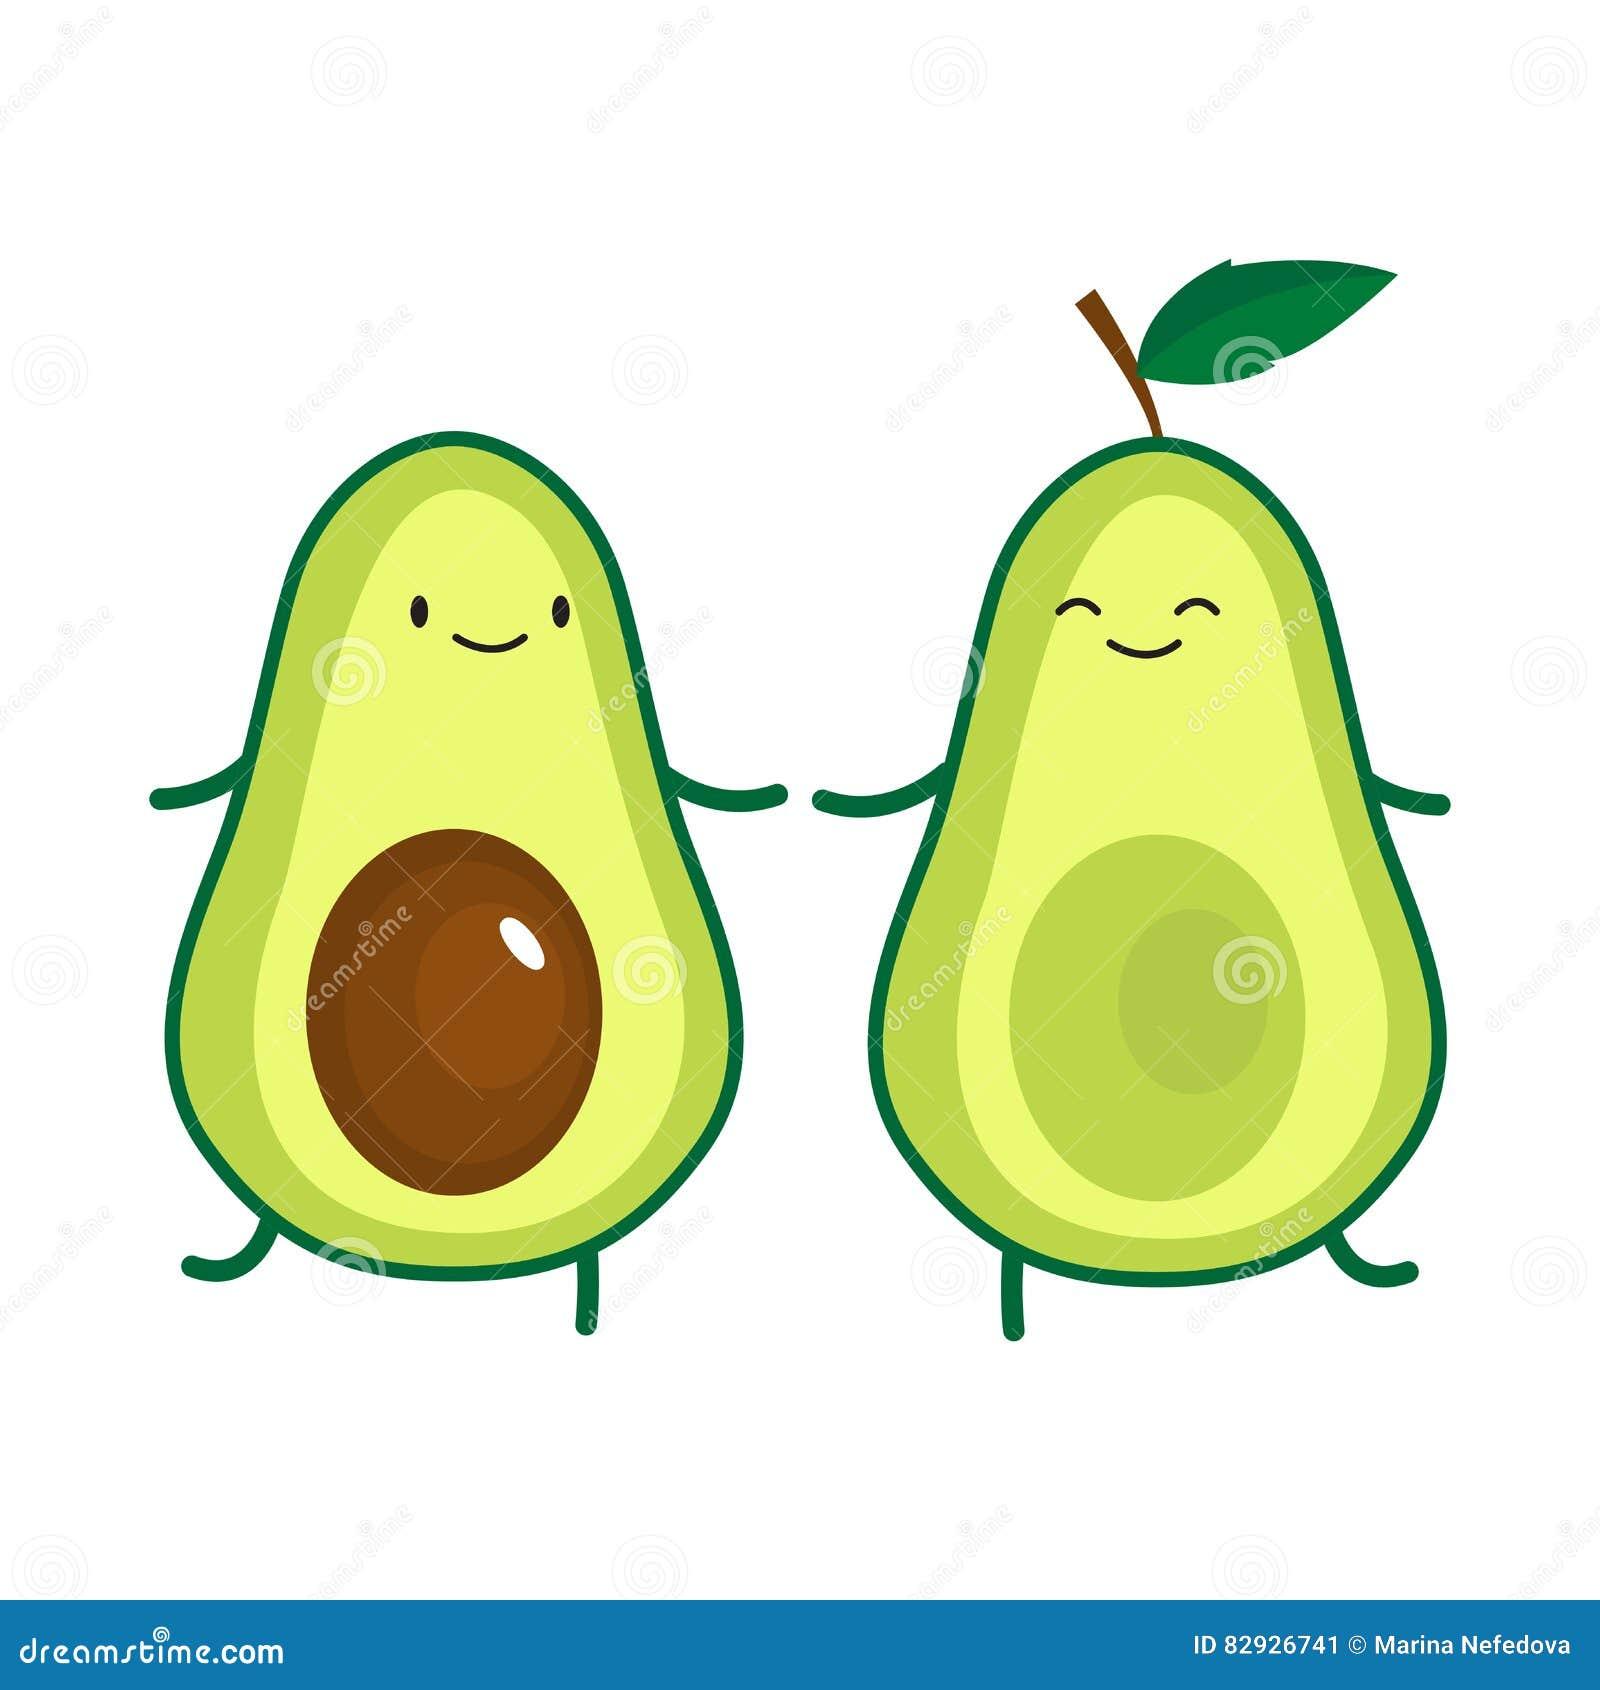 how to draw a cartoon avocado